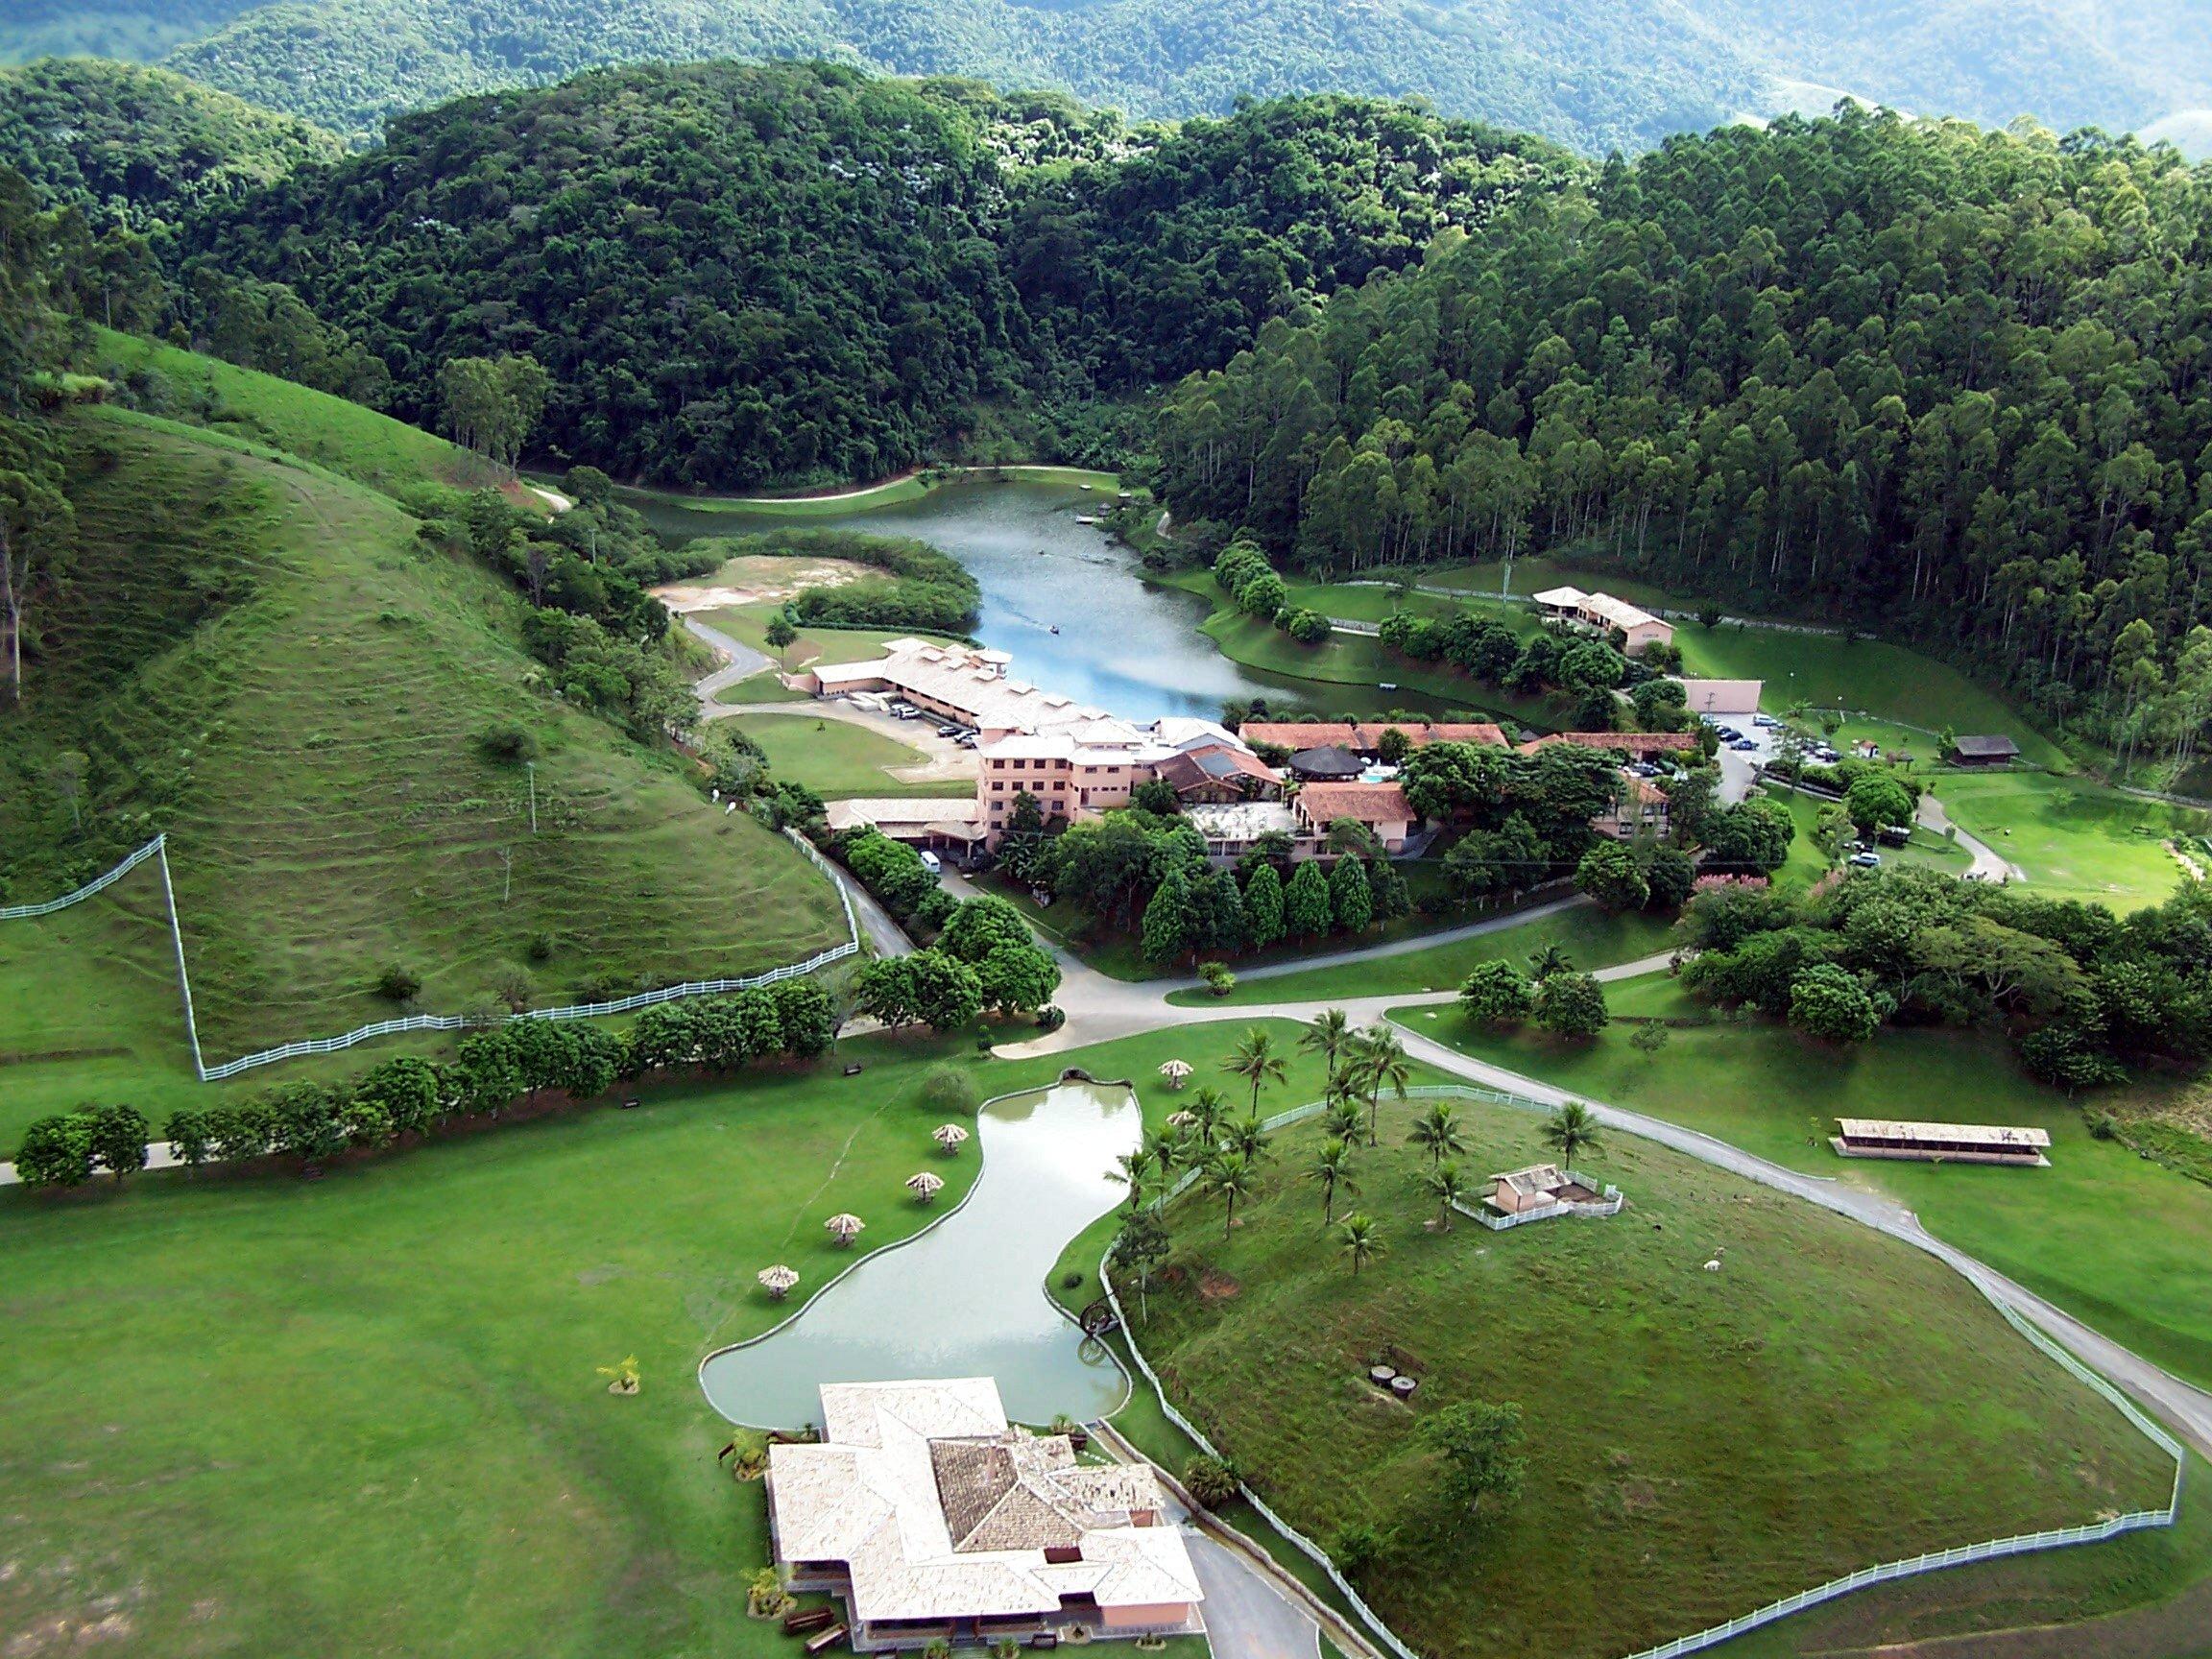 Fazenda Ribeirao Hotel De Lazer